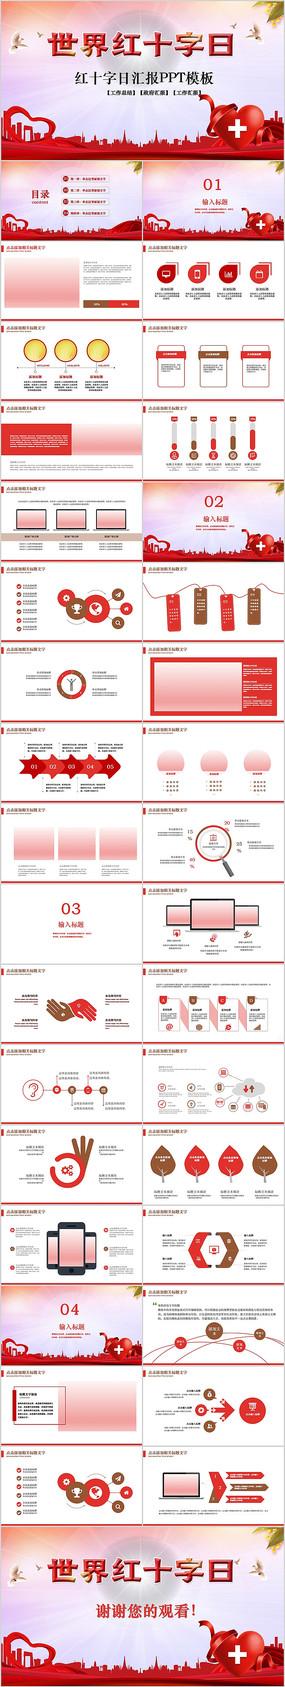 世界红十字日爱心公益活动PPT模板